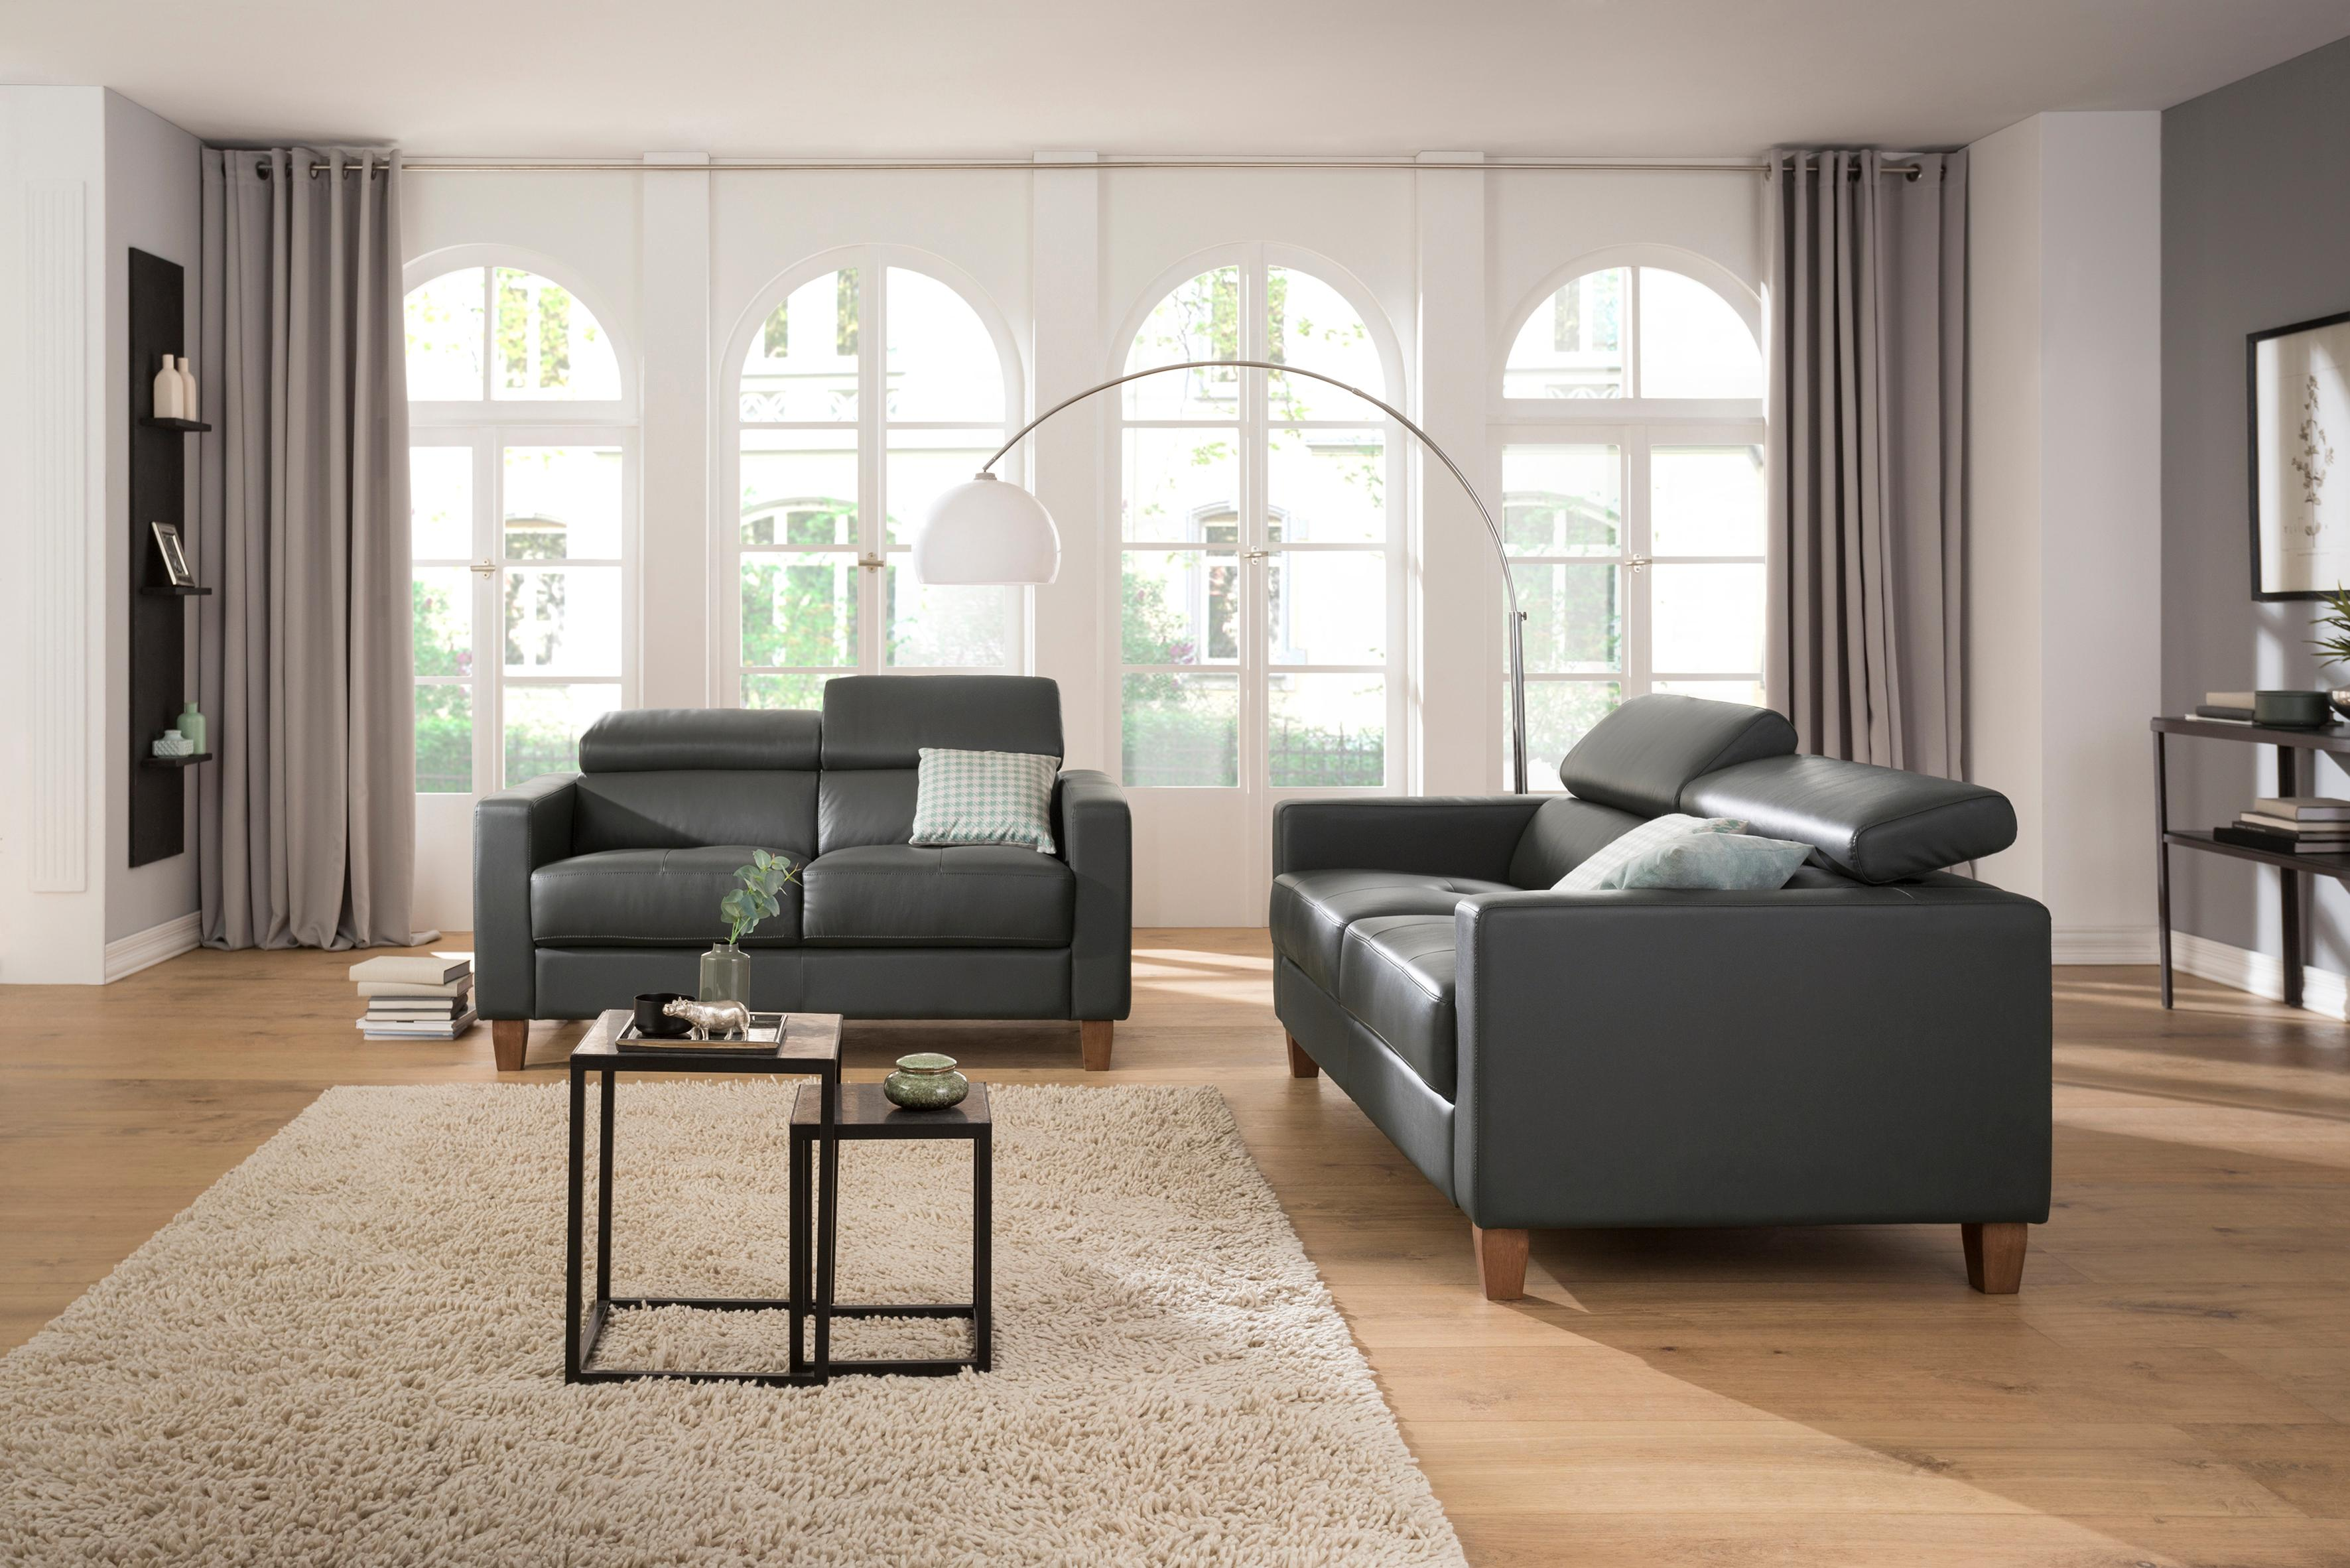 Home affaire 2-Sitzer + 3-Sitzer als Set Luzern mit verstellbarer Kopfstütze und Holzfüßen